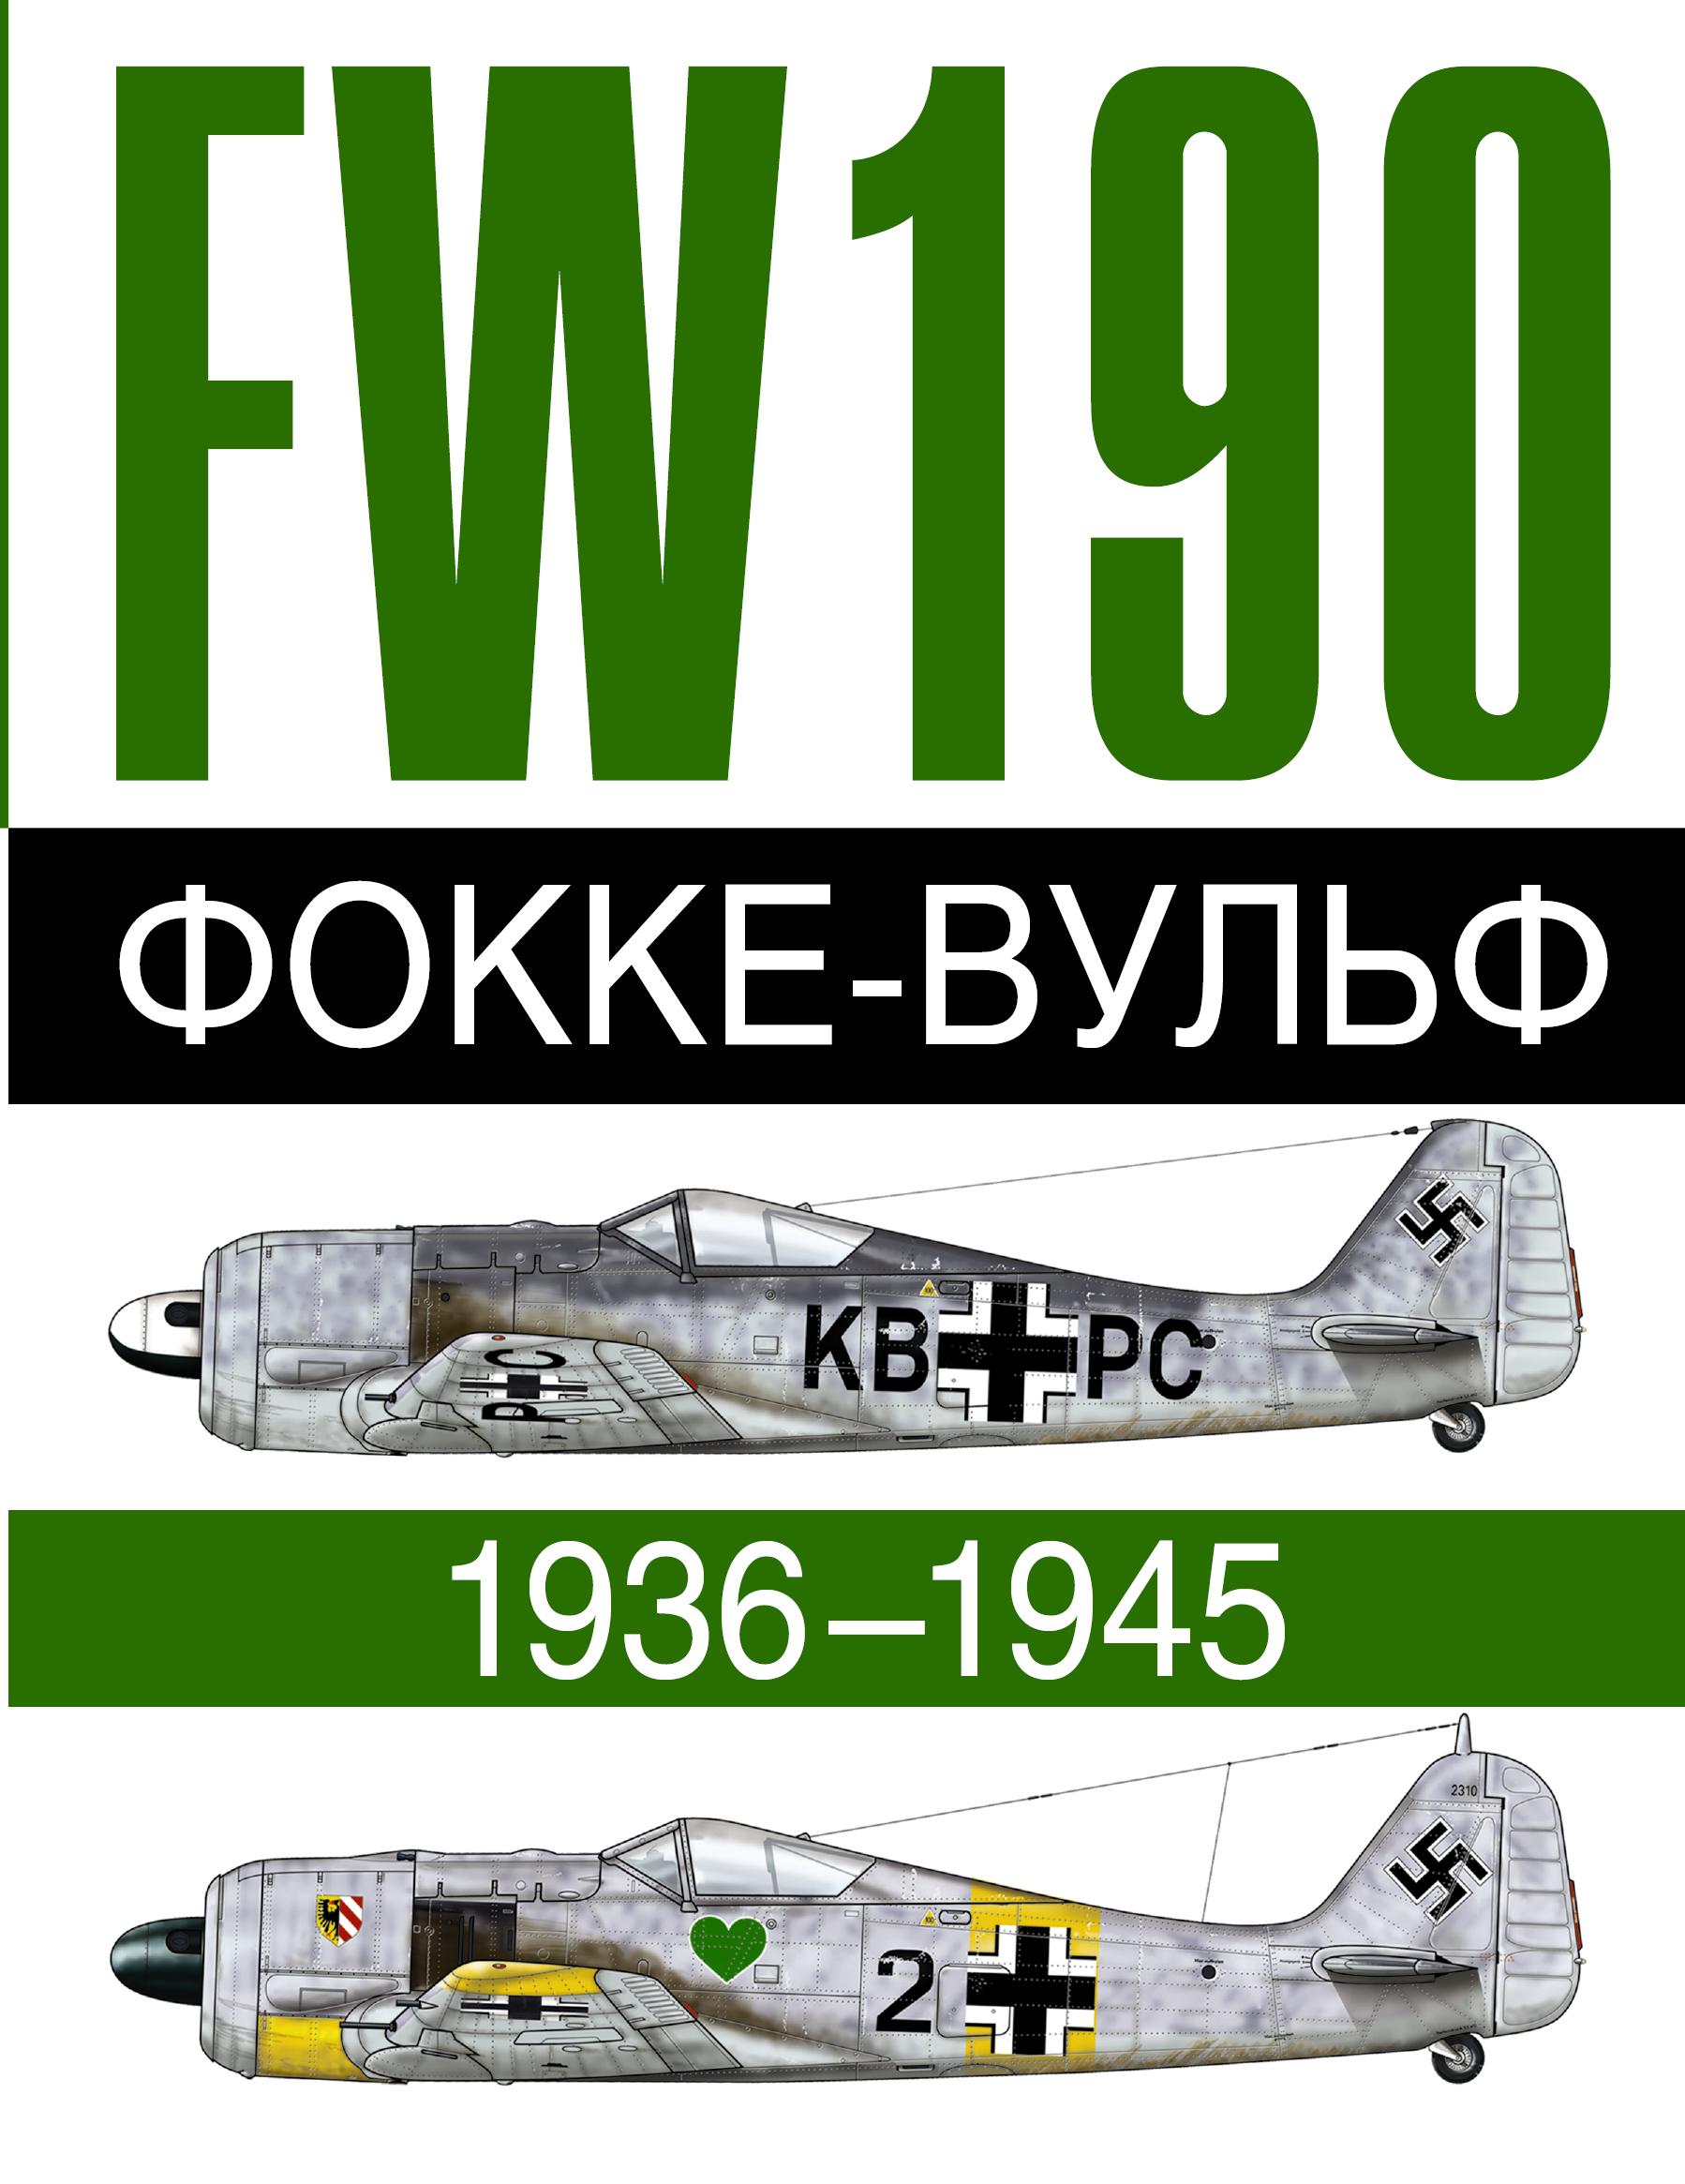 Фокке-Вульф 190 FW, 1936-1945